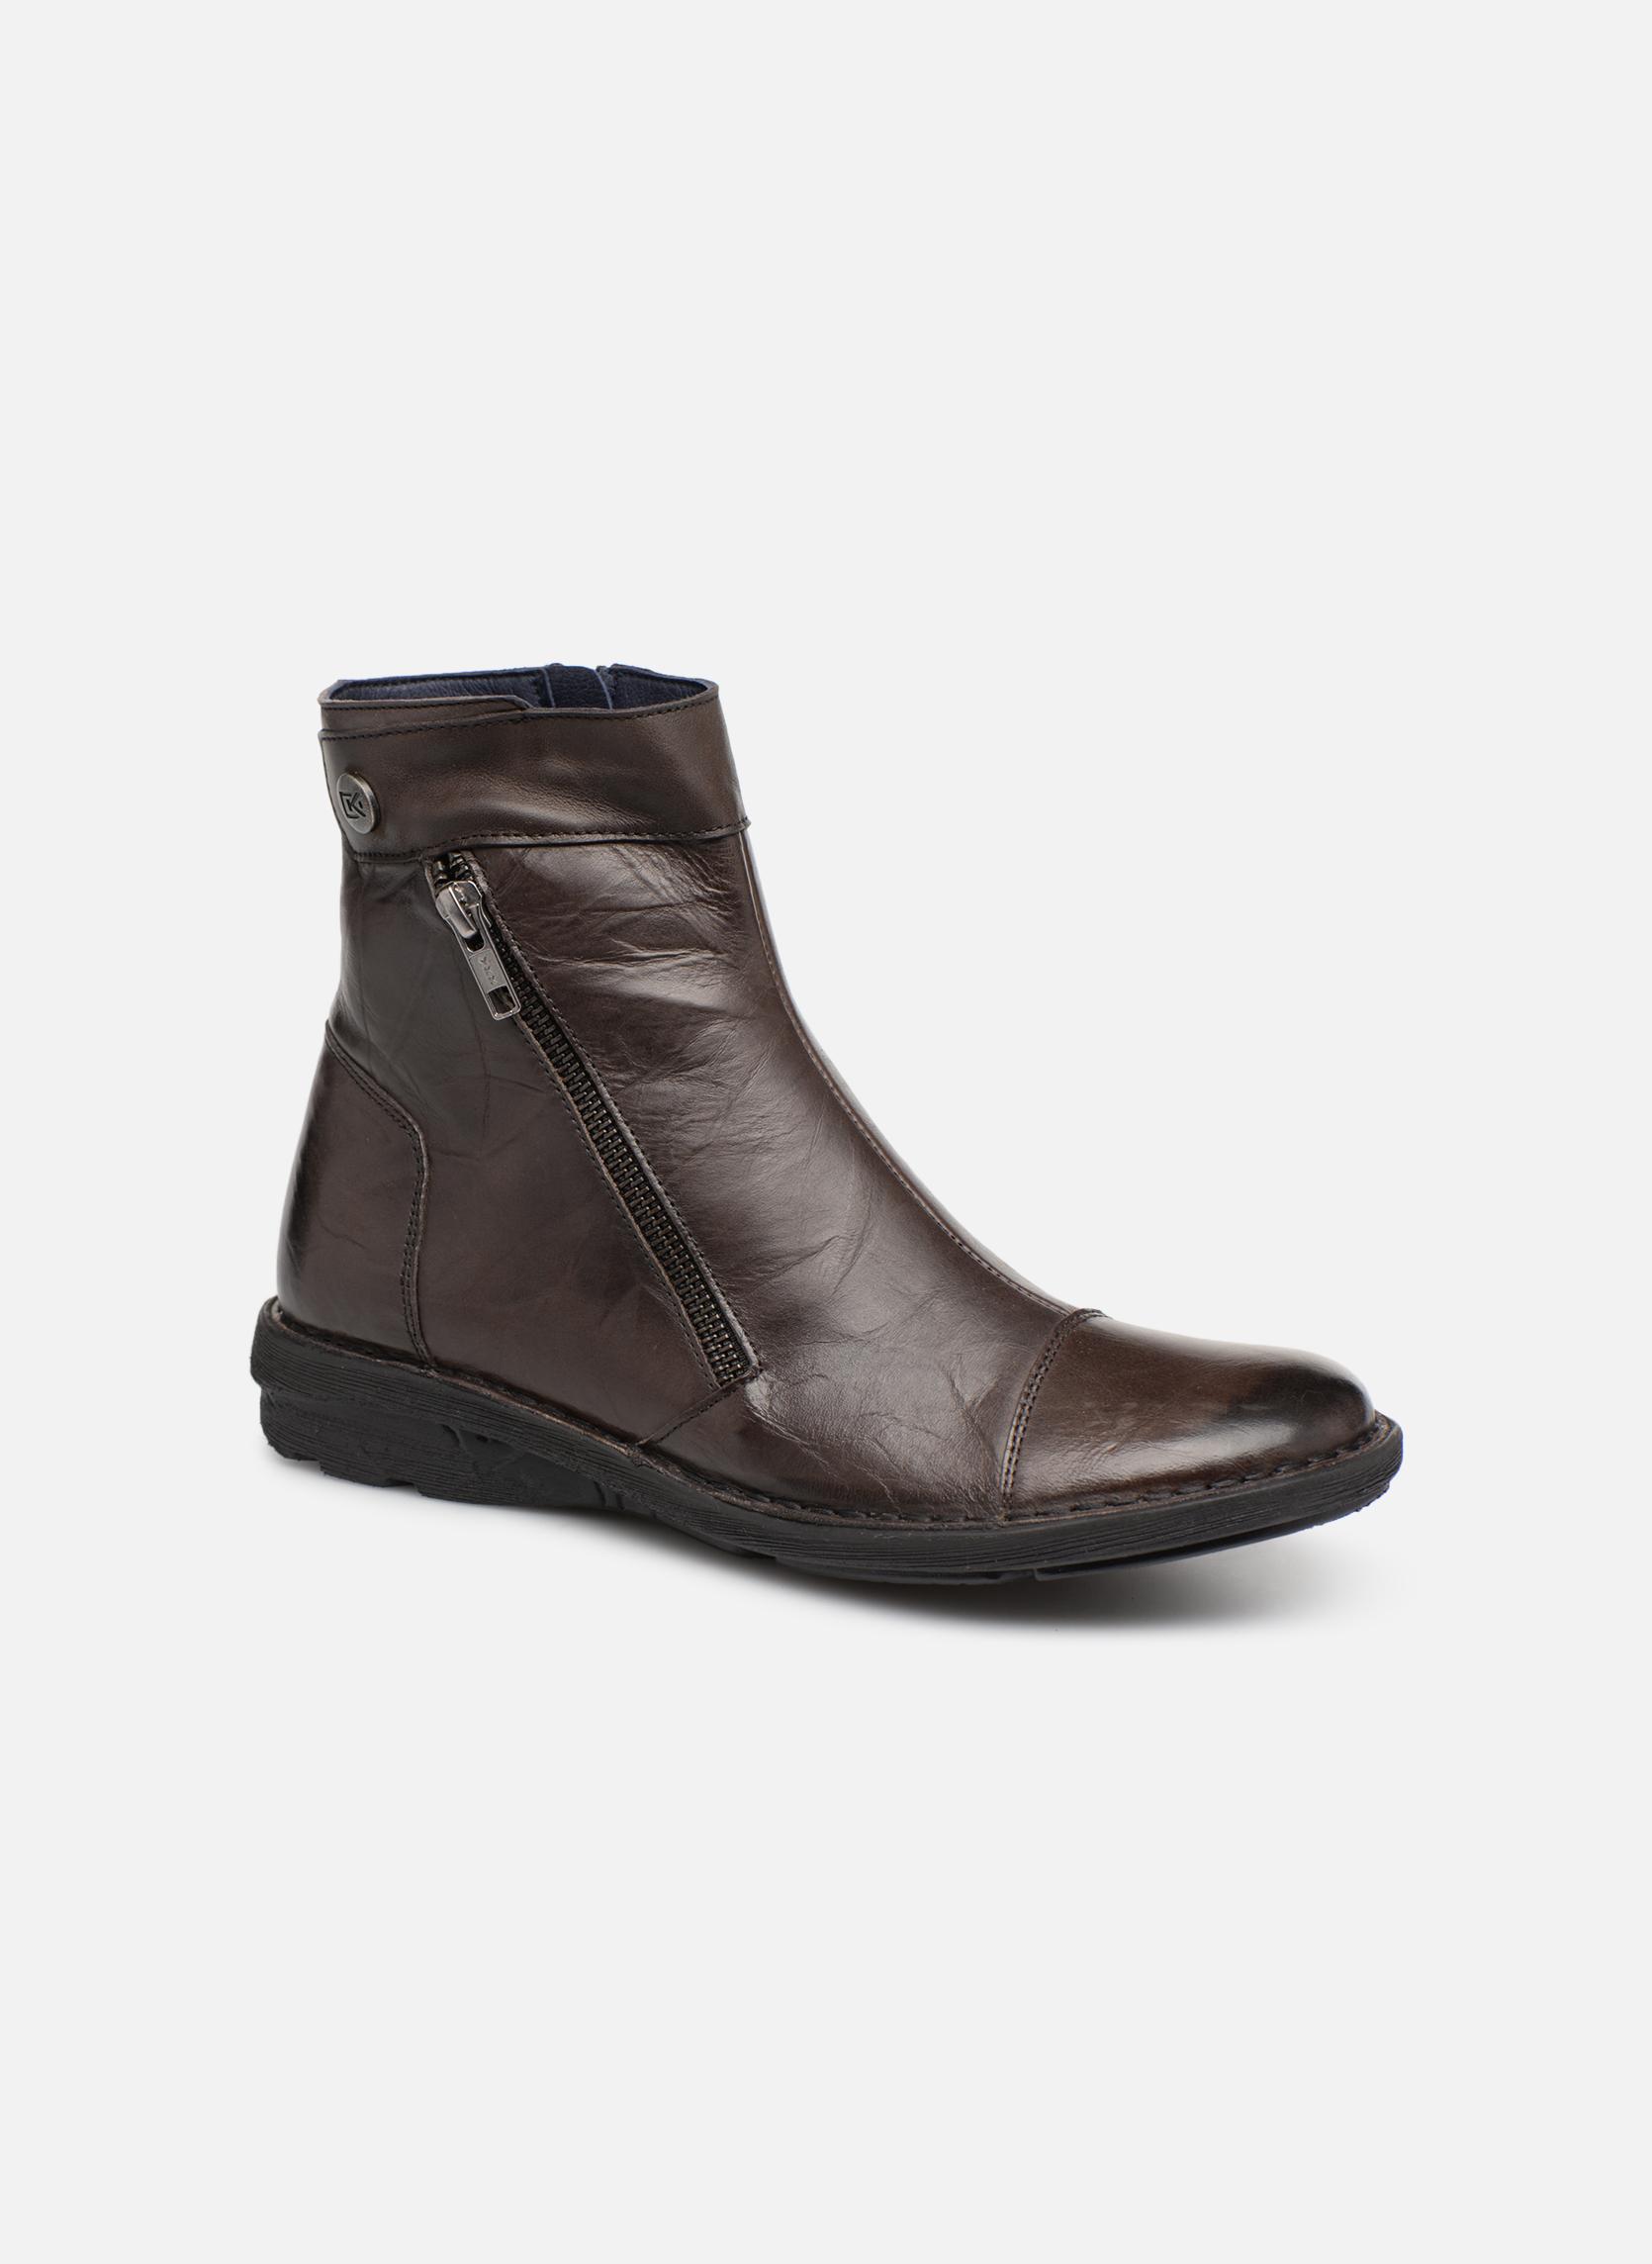 Los últimos zapatos de descuento para hombres y mujeres Dorking Medina 7268 (Marrón) - Botines  en Más cómodo